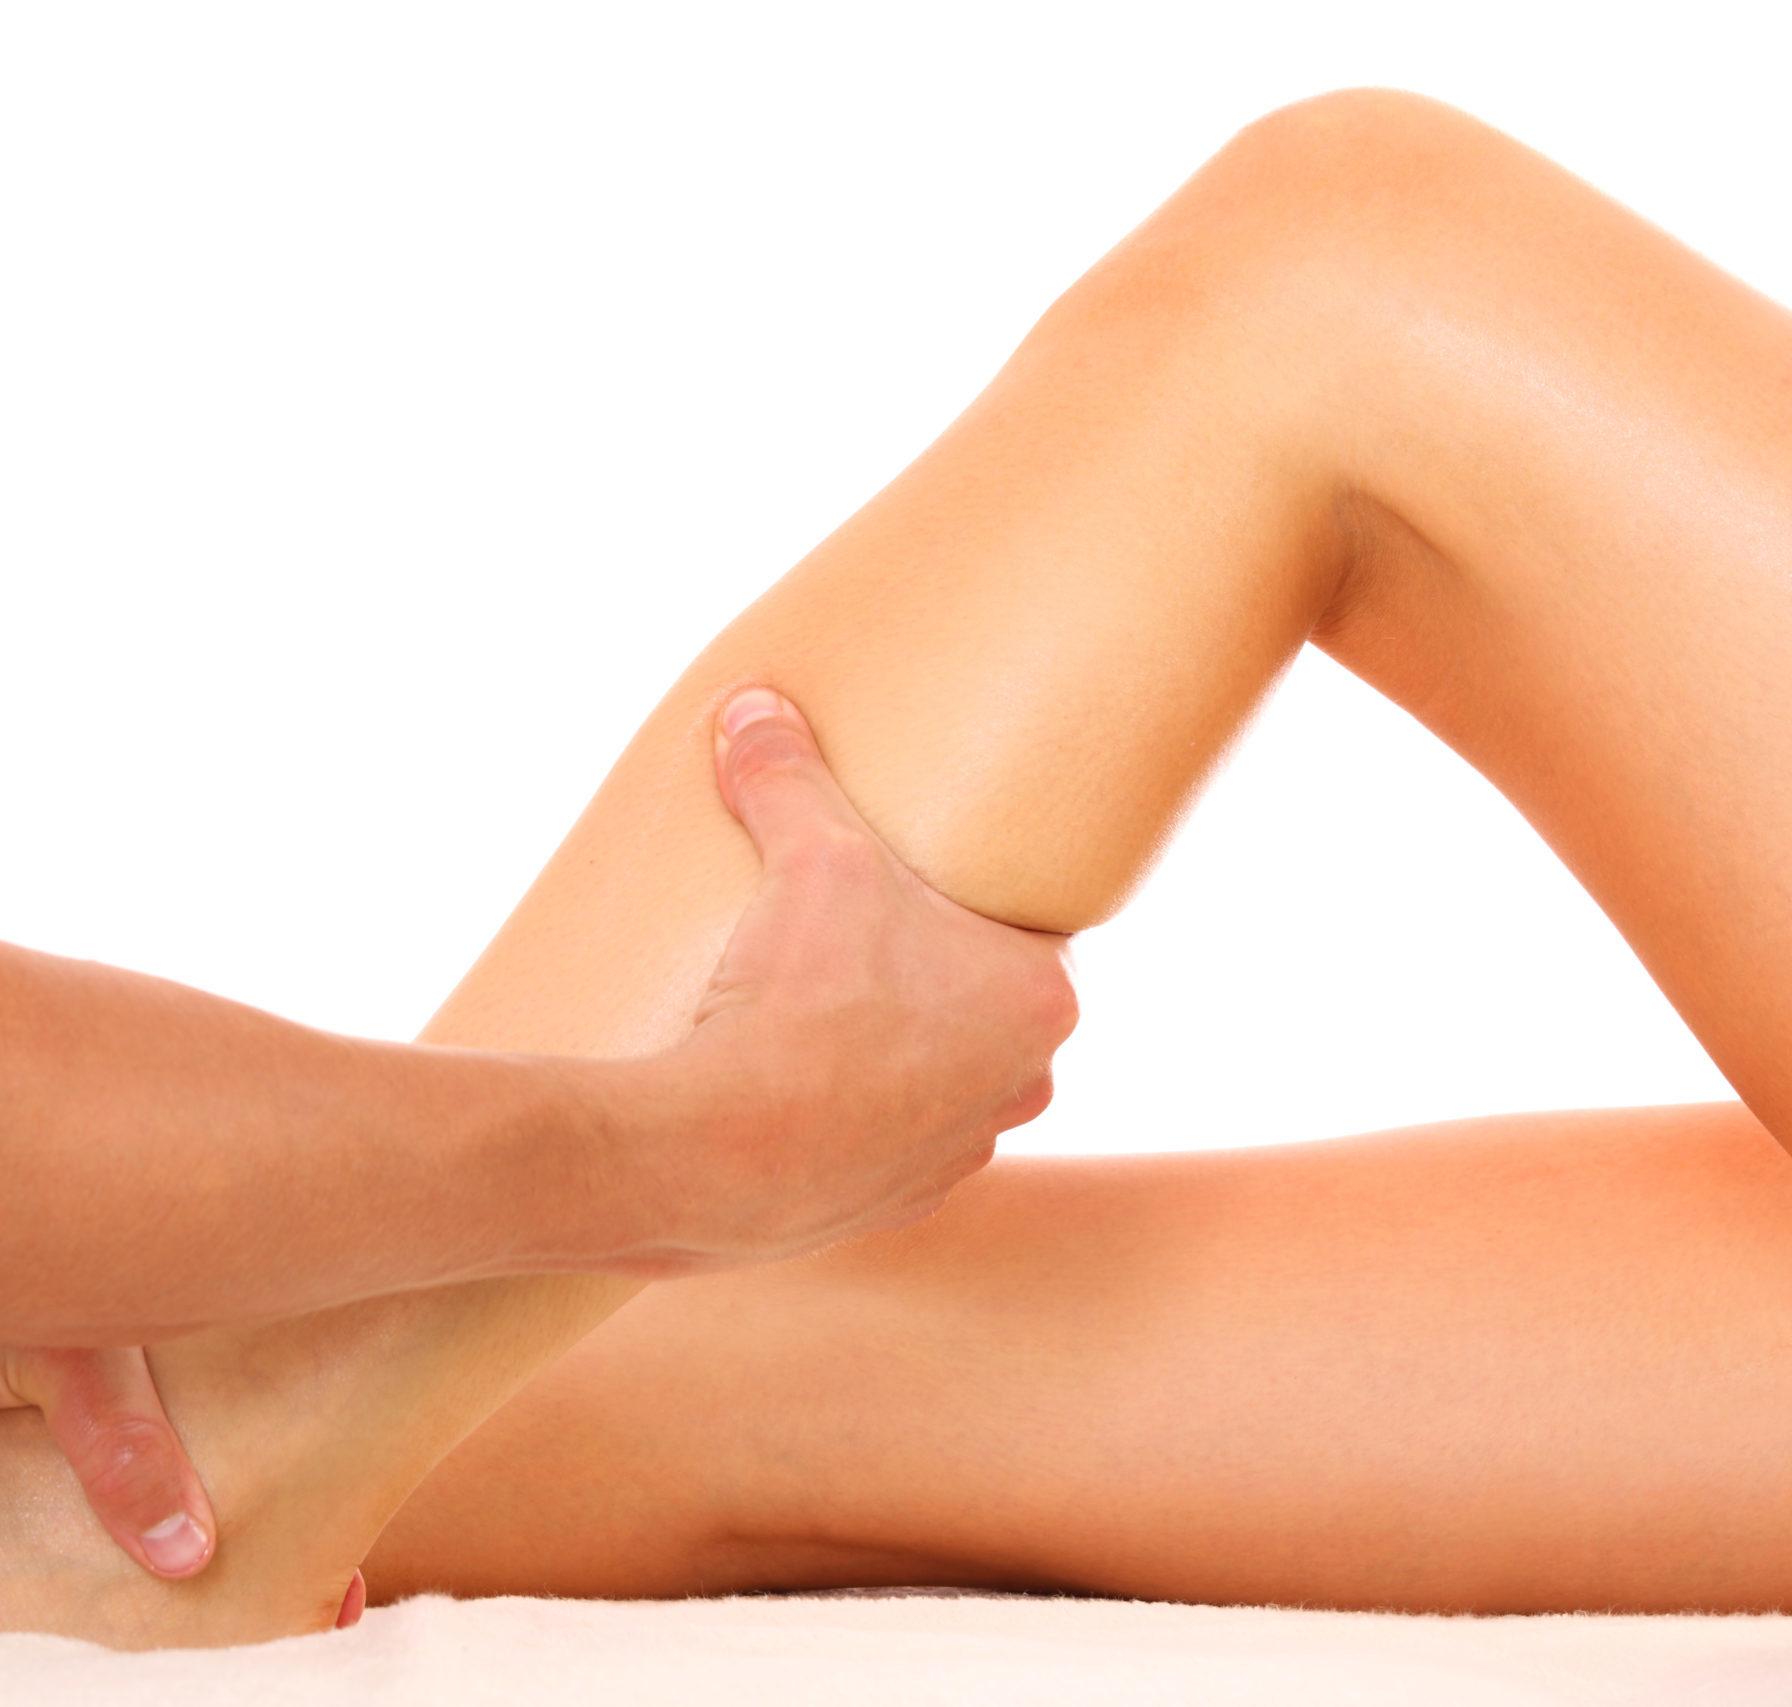 tratamentul genunchilor articulațiilor creak tratarea îmbinărilor cu ulei de cătină